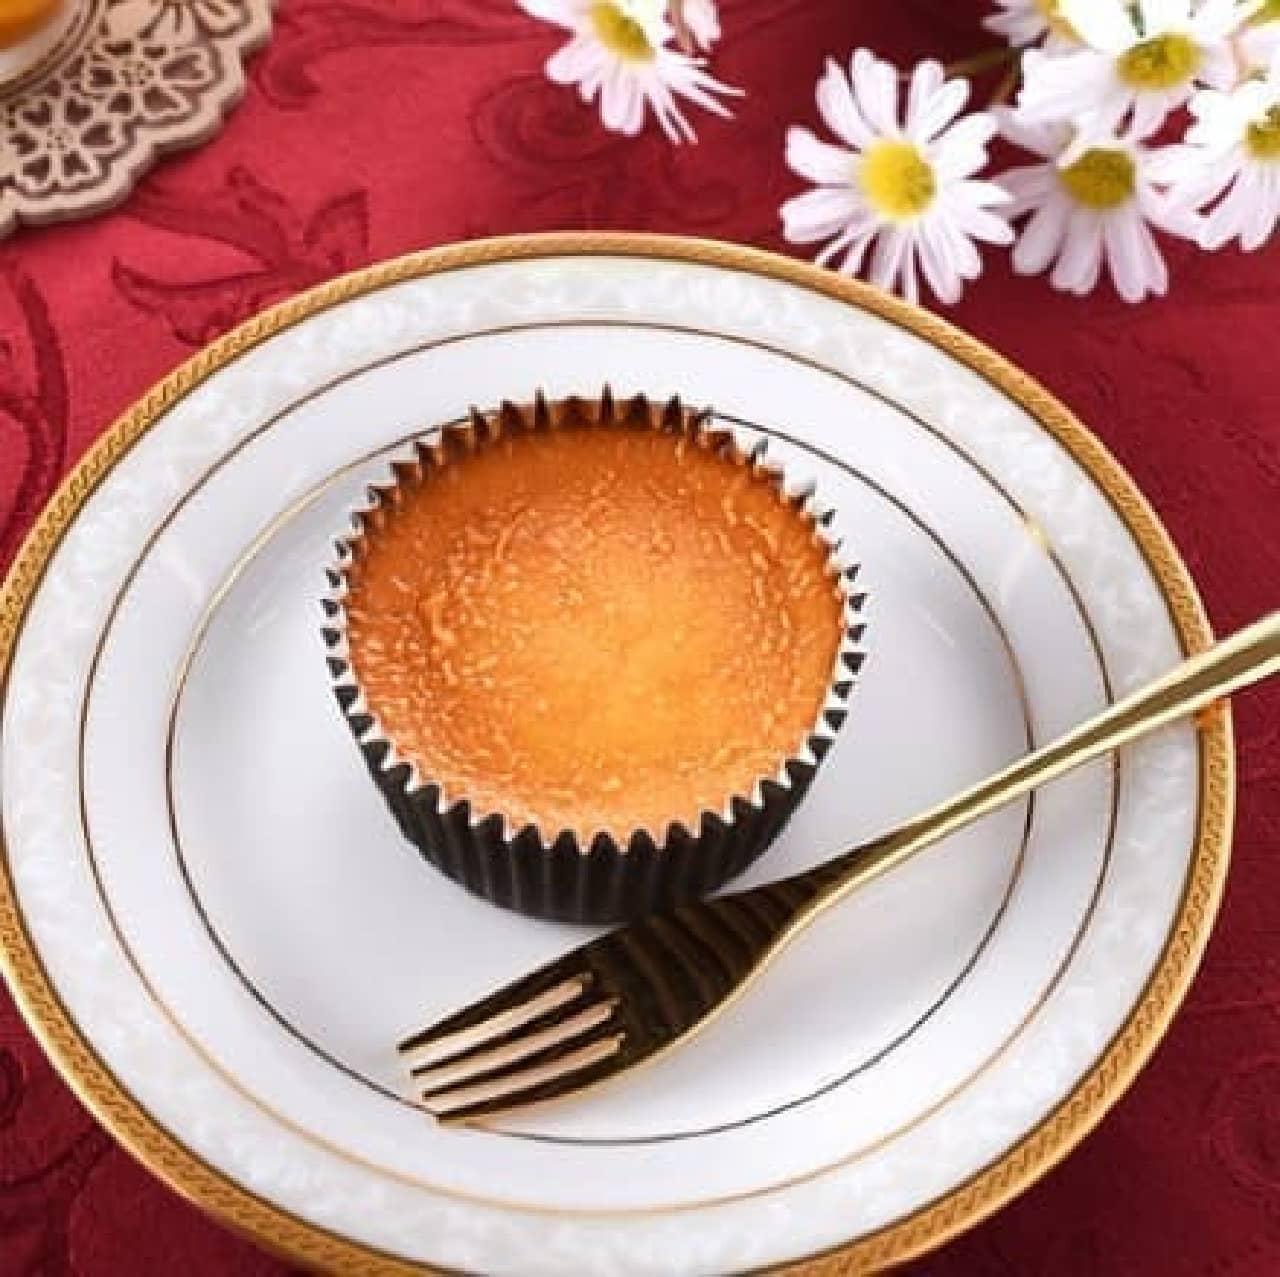 ファミリーマート「バスクチーズケーキ」